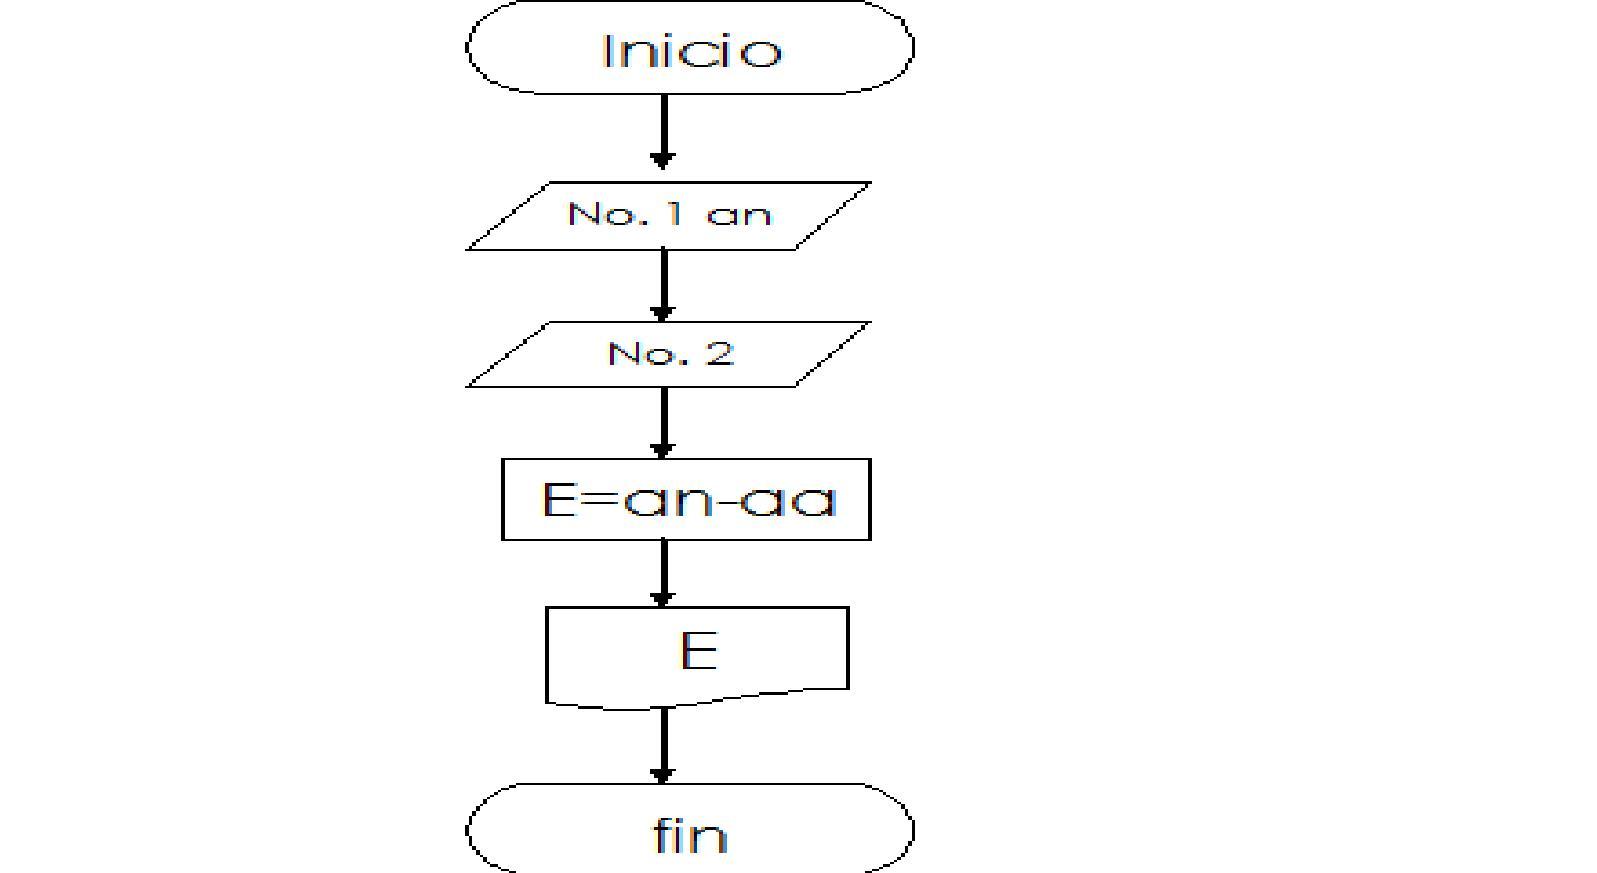 I U0274 U0493o U044f U043ca U0442ica U2022 U2039